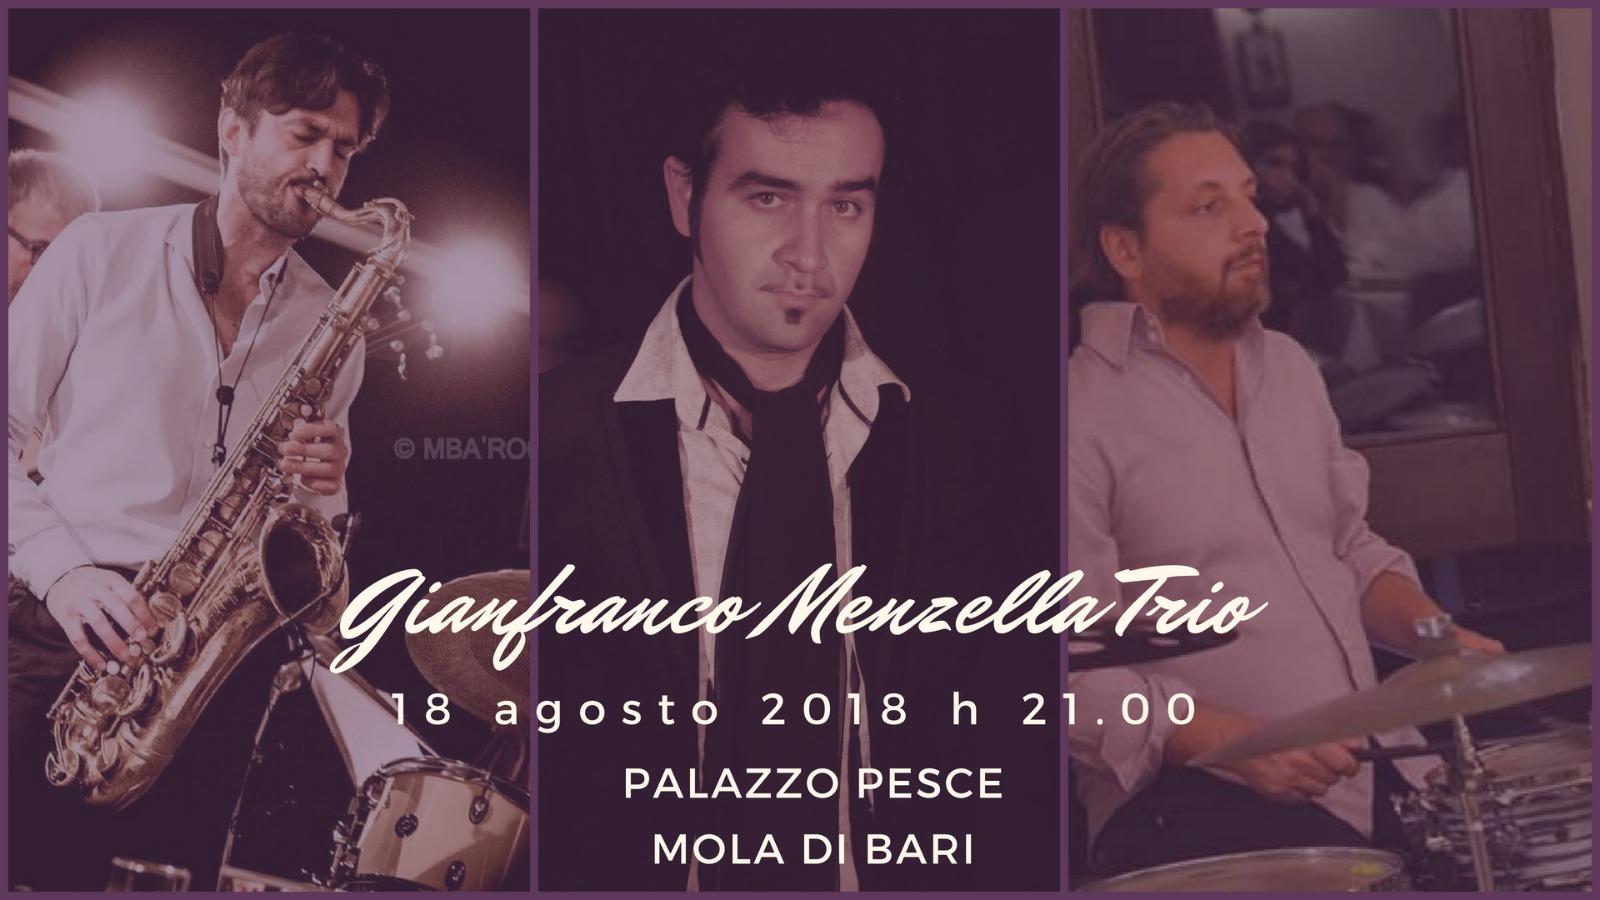 18 agosto 2018 Gianfranco Menzella trio a Palazzo Pesce